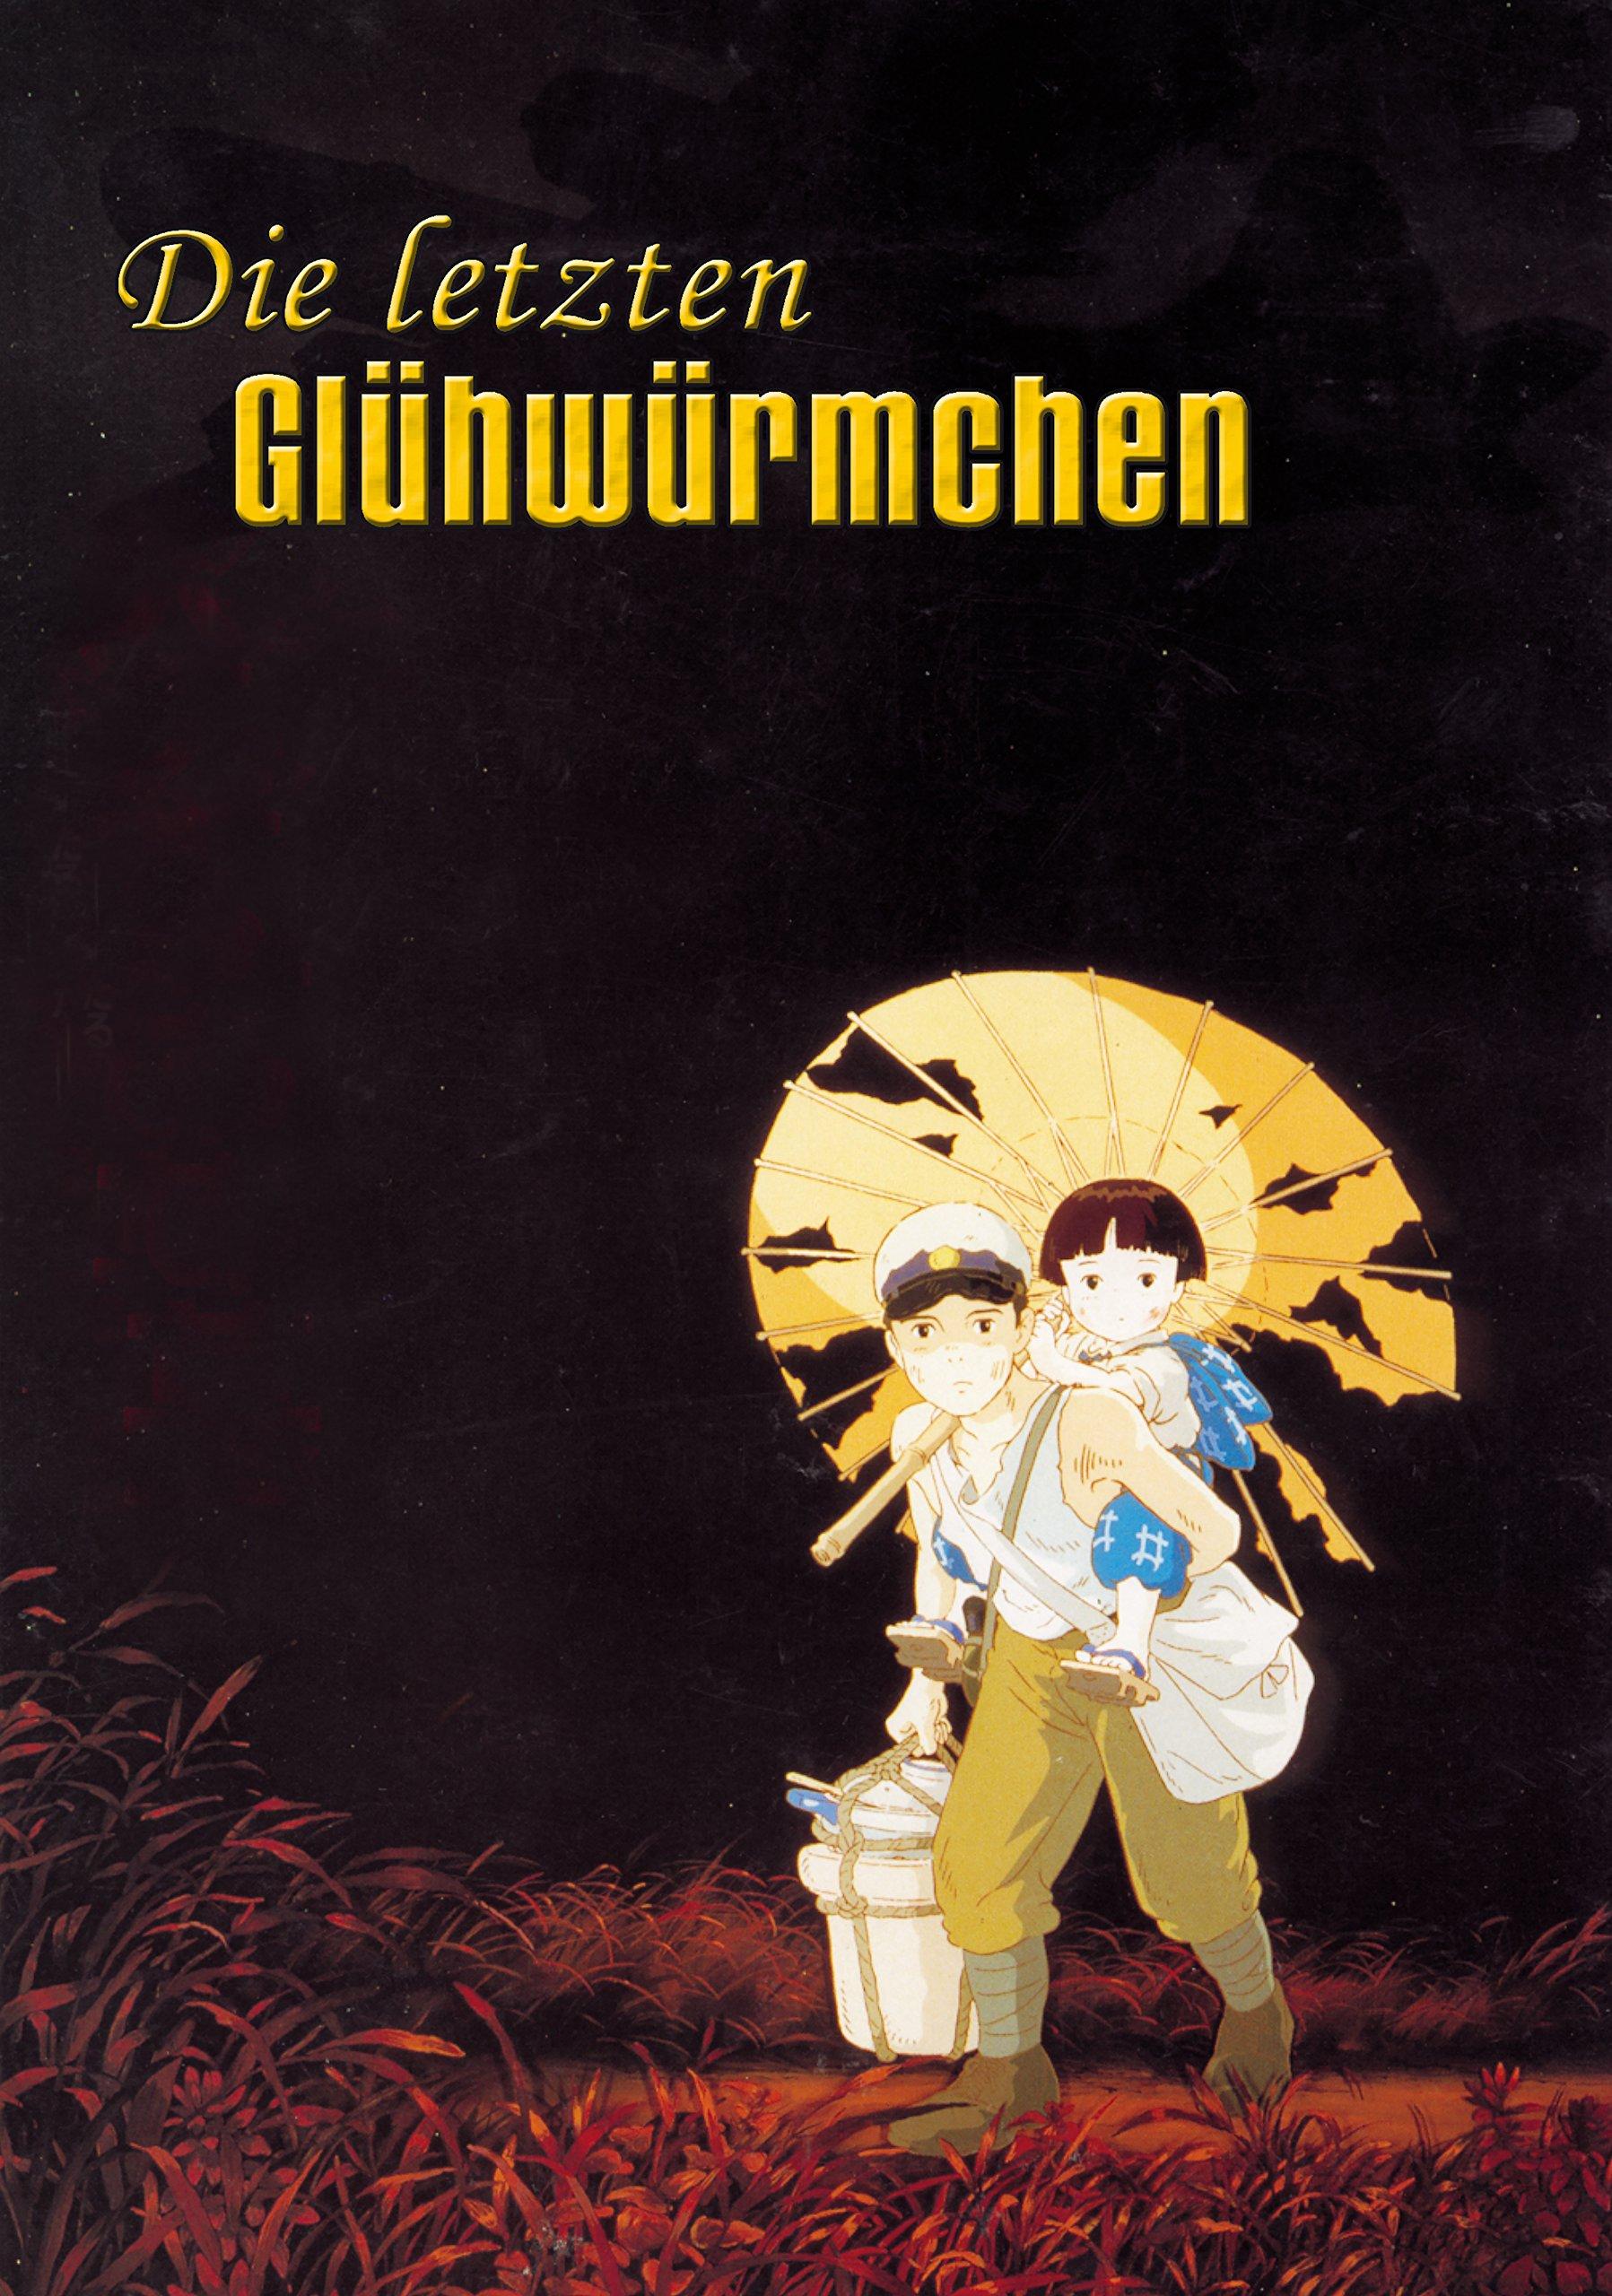 Fein Glühwurm 30 Galerie - Elektrische Schaltplan-Ideen ...